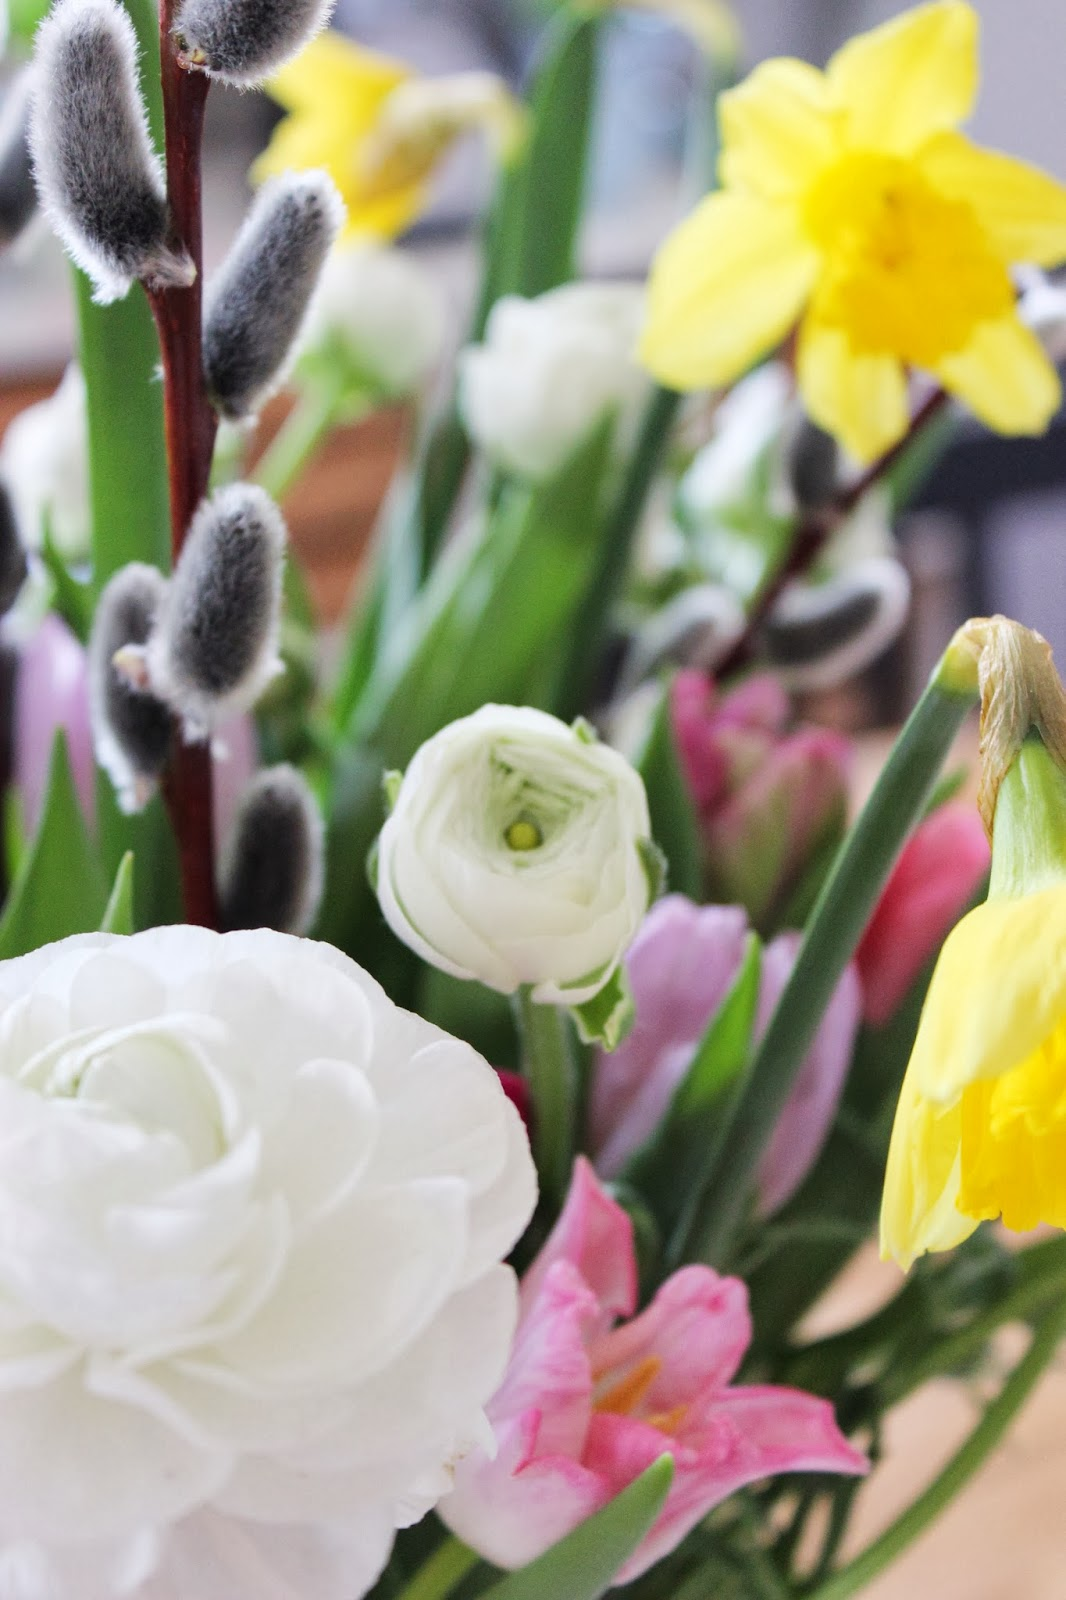 s'Bastelkistle: Der Frühling ist eingezogen